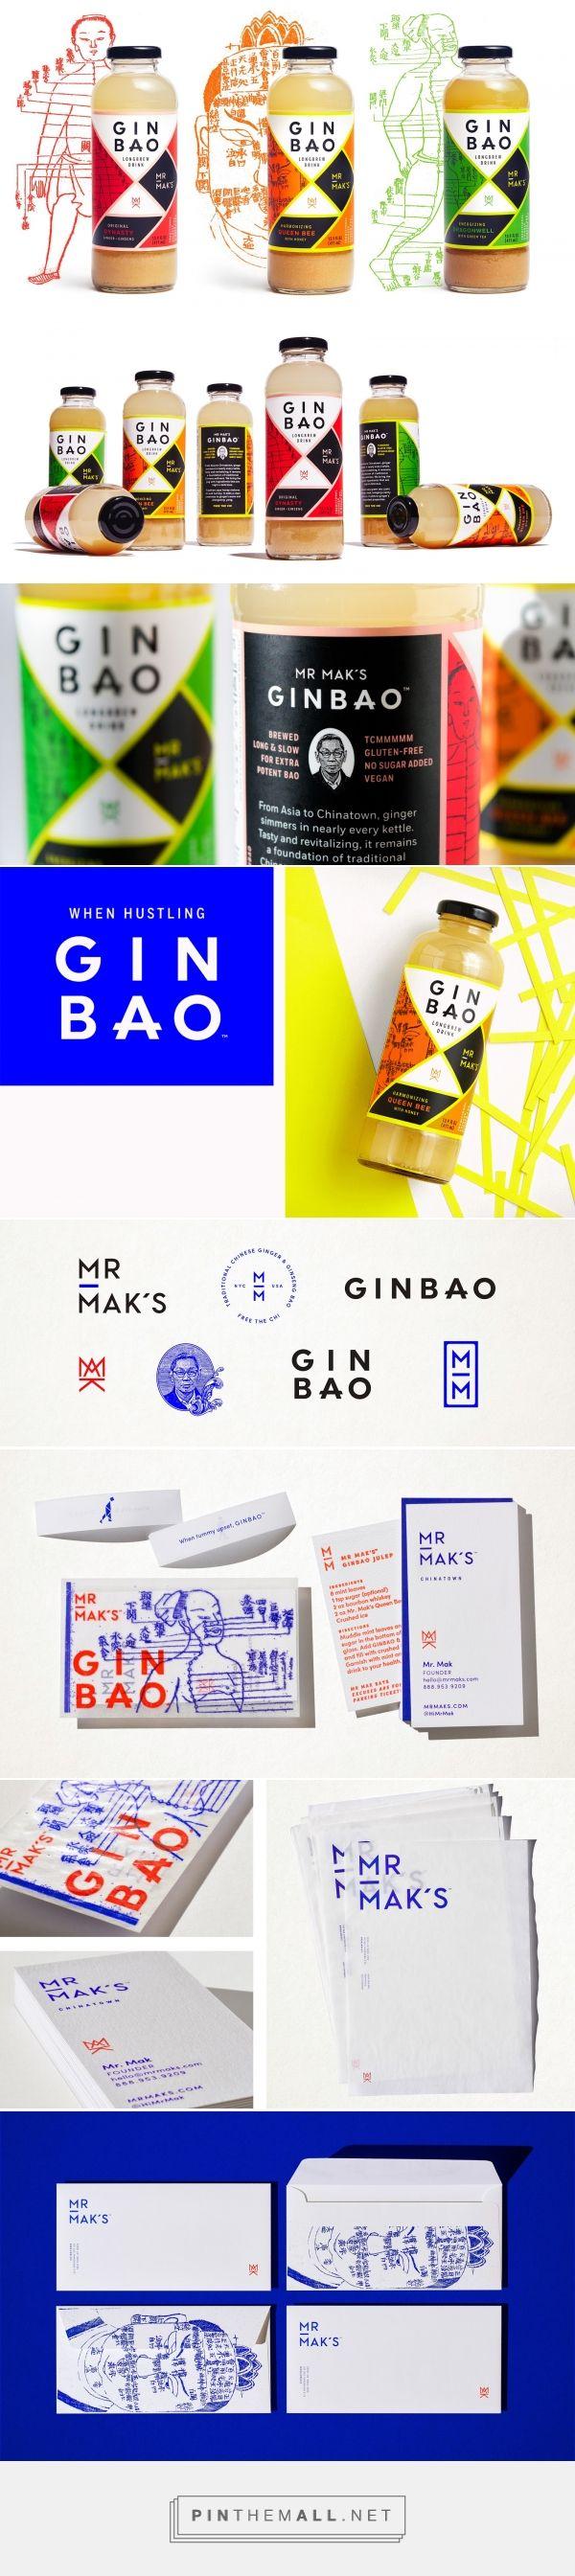 Mr. Mak's Ginbao #ginger #beverage #packaging #design by Werner Design Werks - http://www.packagingoftheworld.com/2016/12/mr-maks-ginbao.html